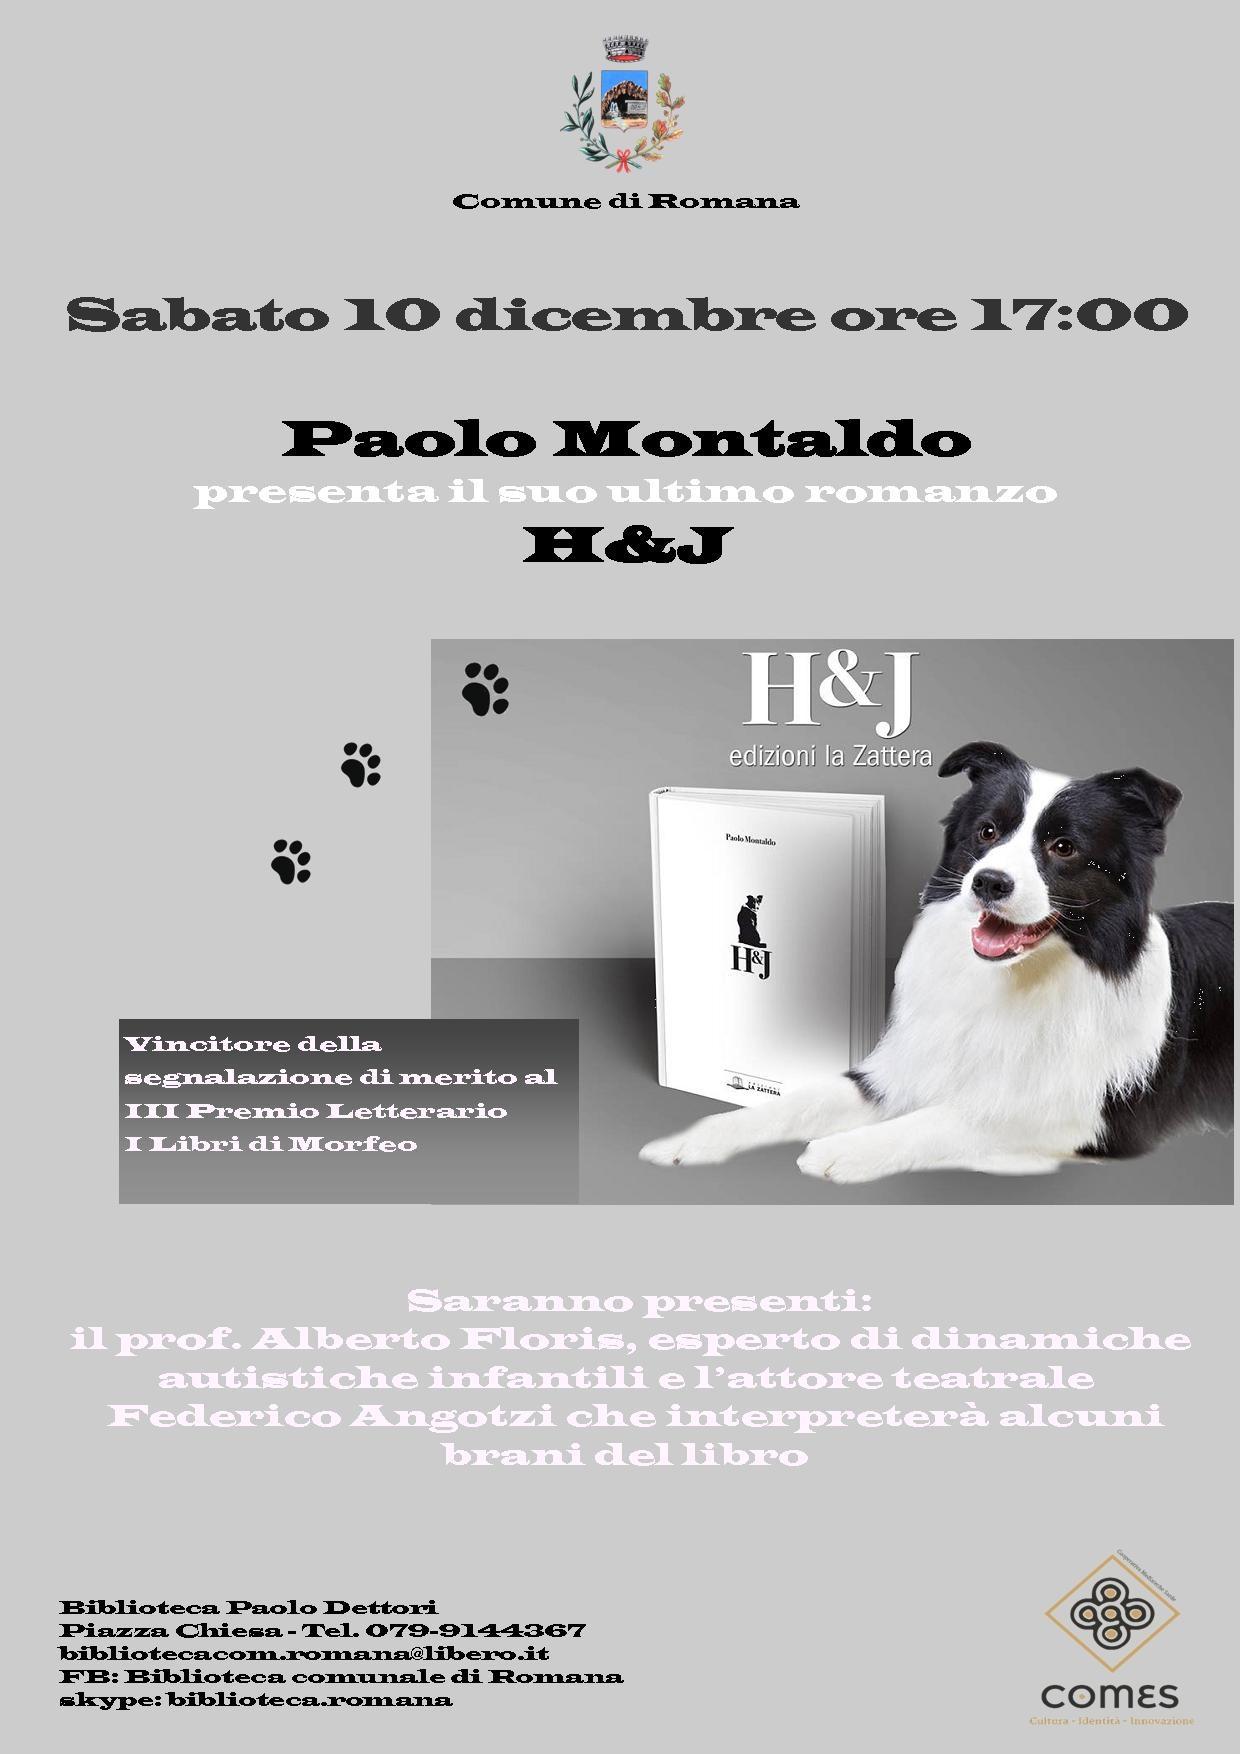 Paolo Montaldo presenta il suo ultimo Romanzo H&J